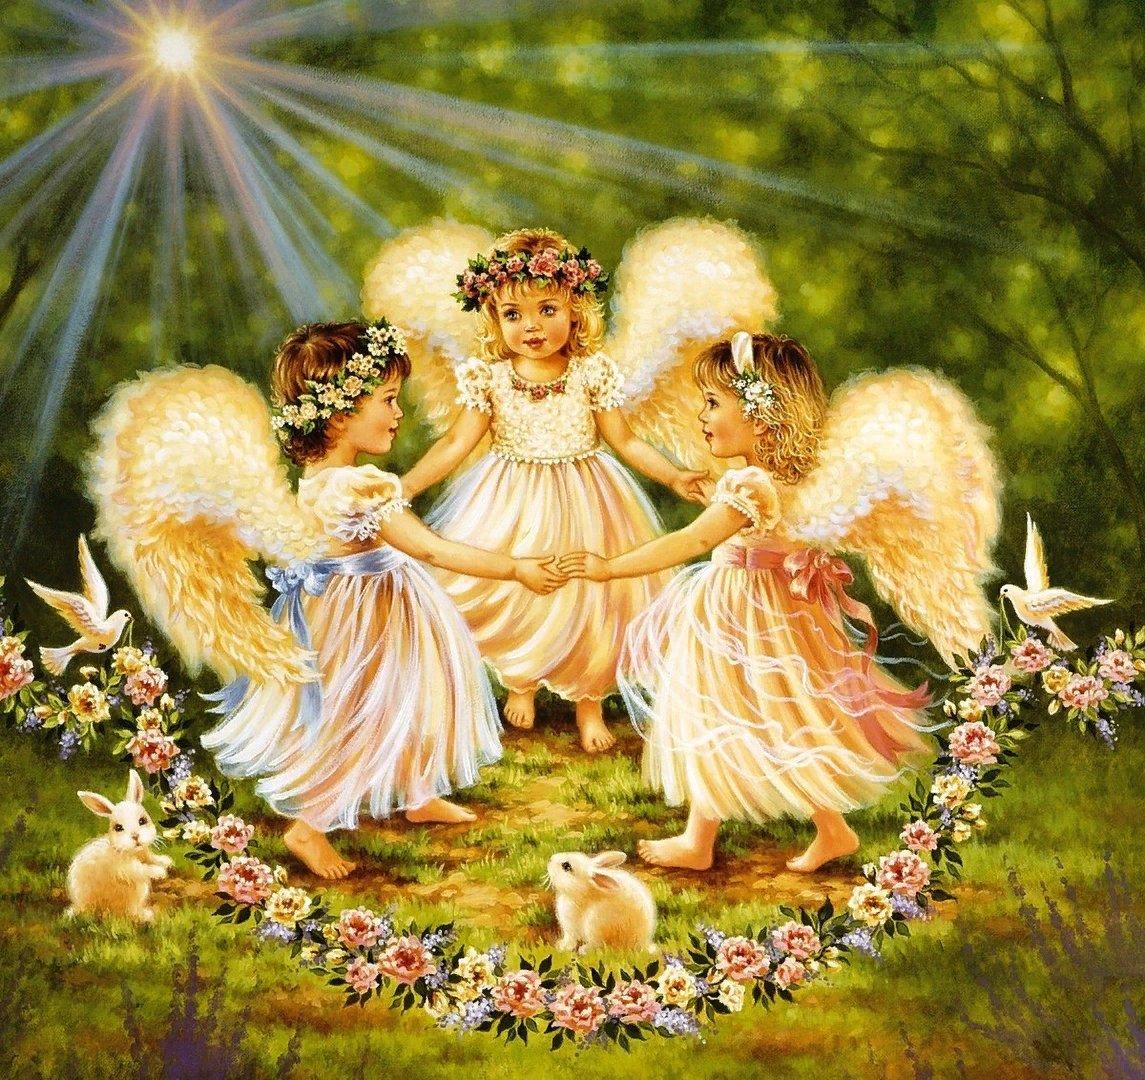 Картинки ангел с днем рождения